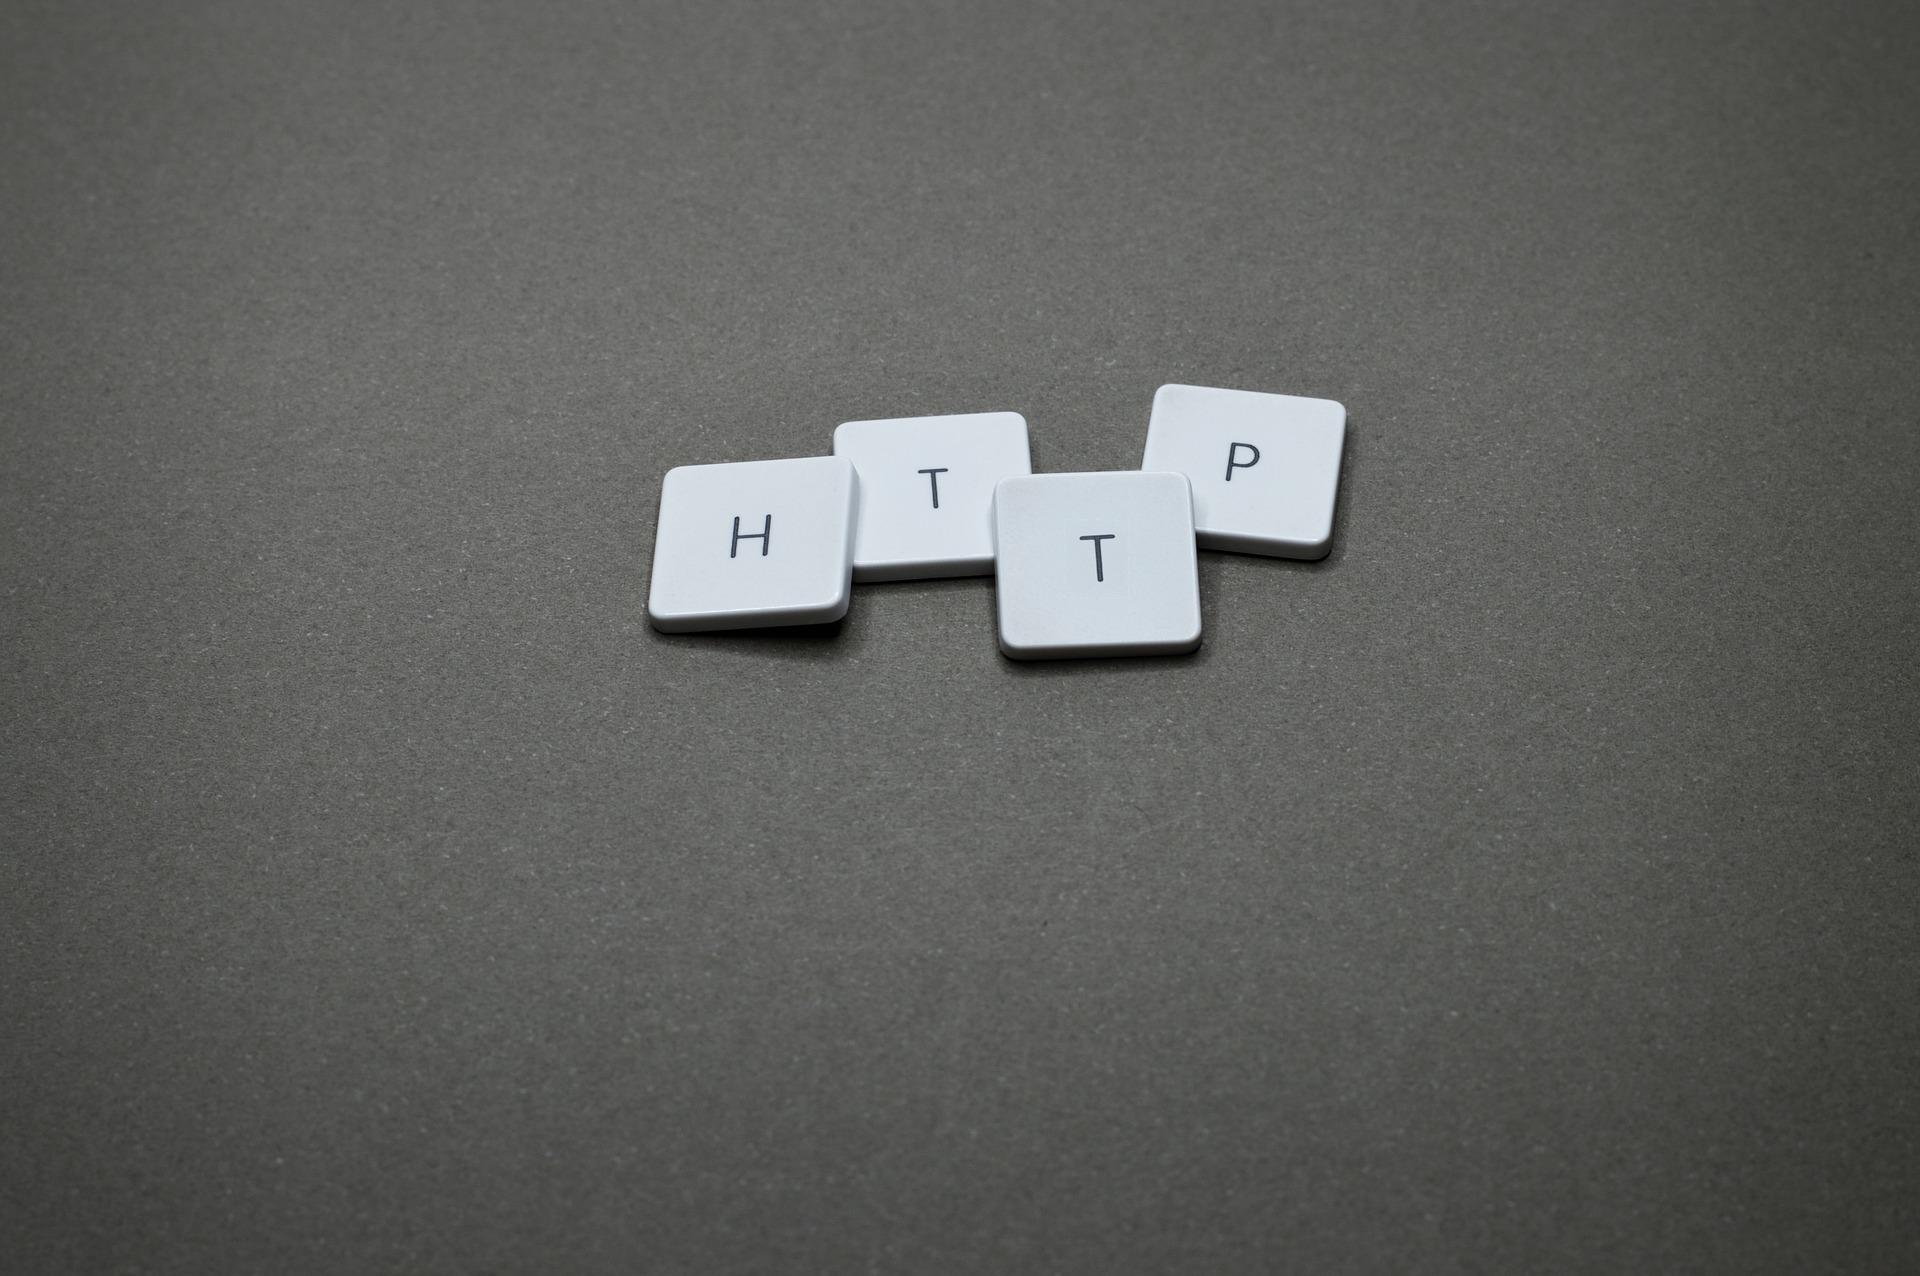 Cara mengurangi permintaan HTTP